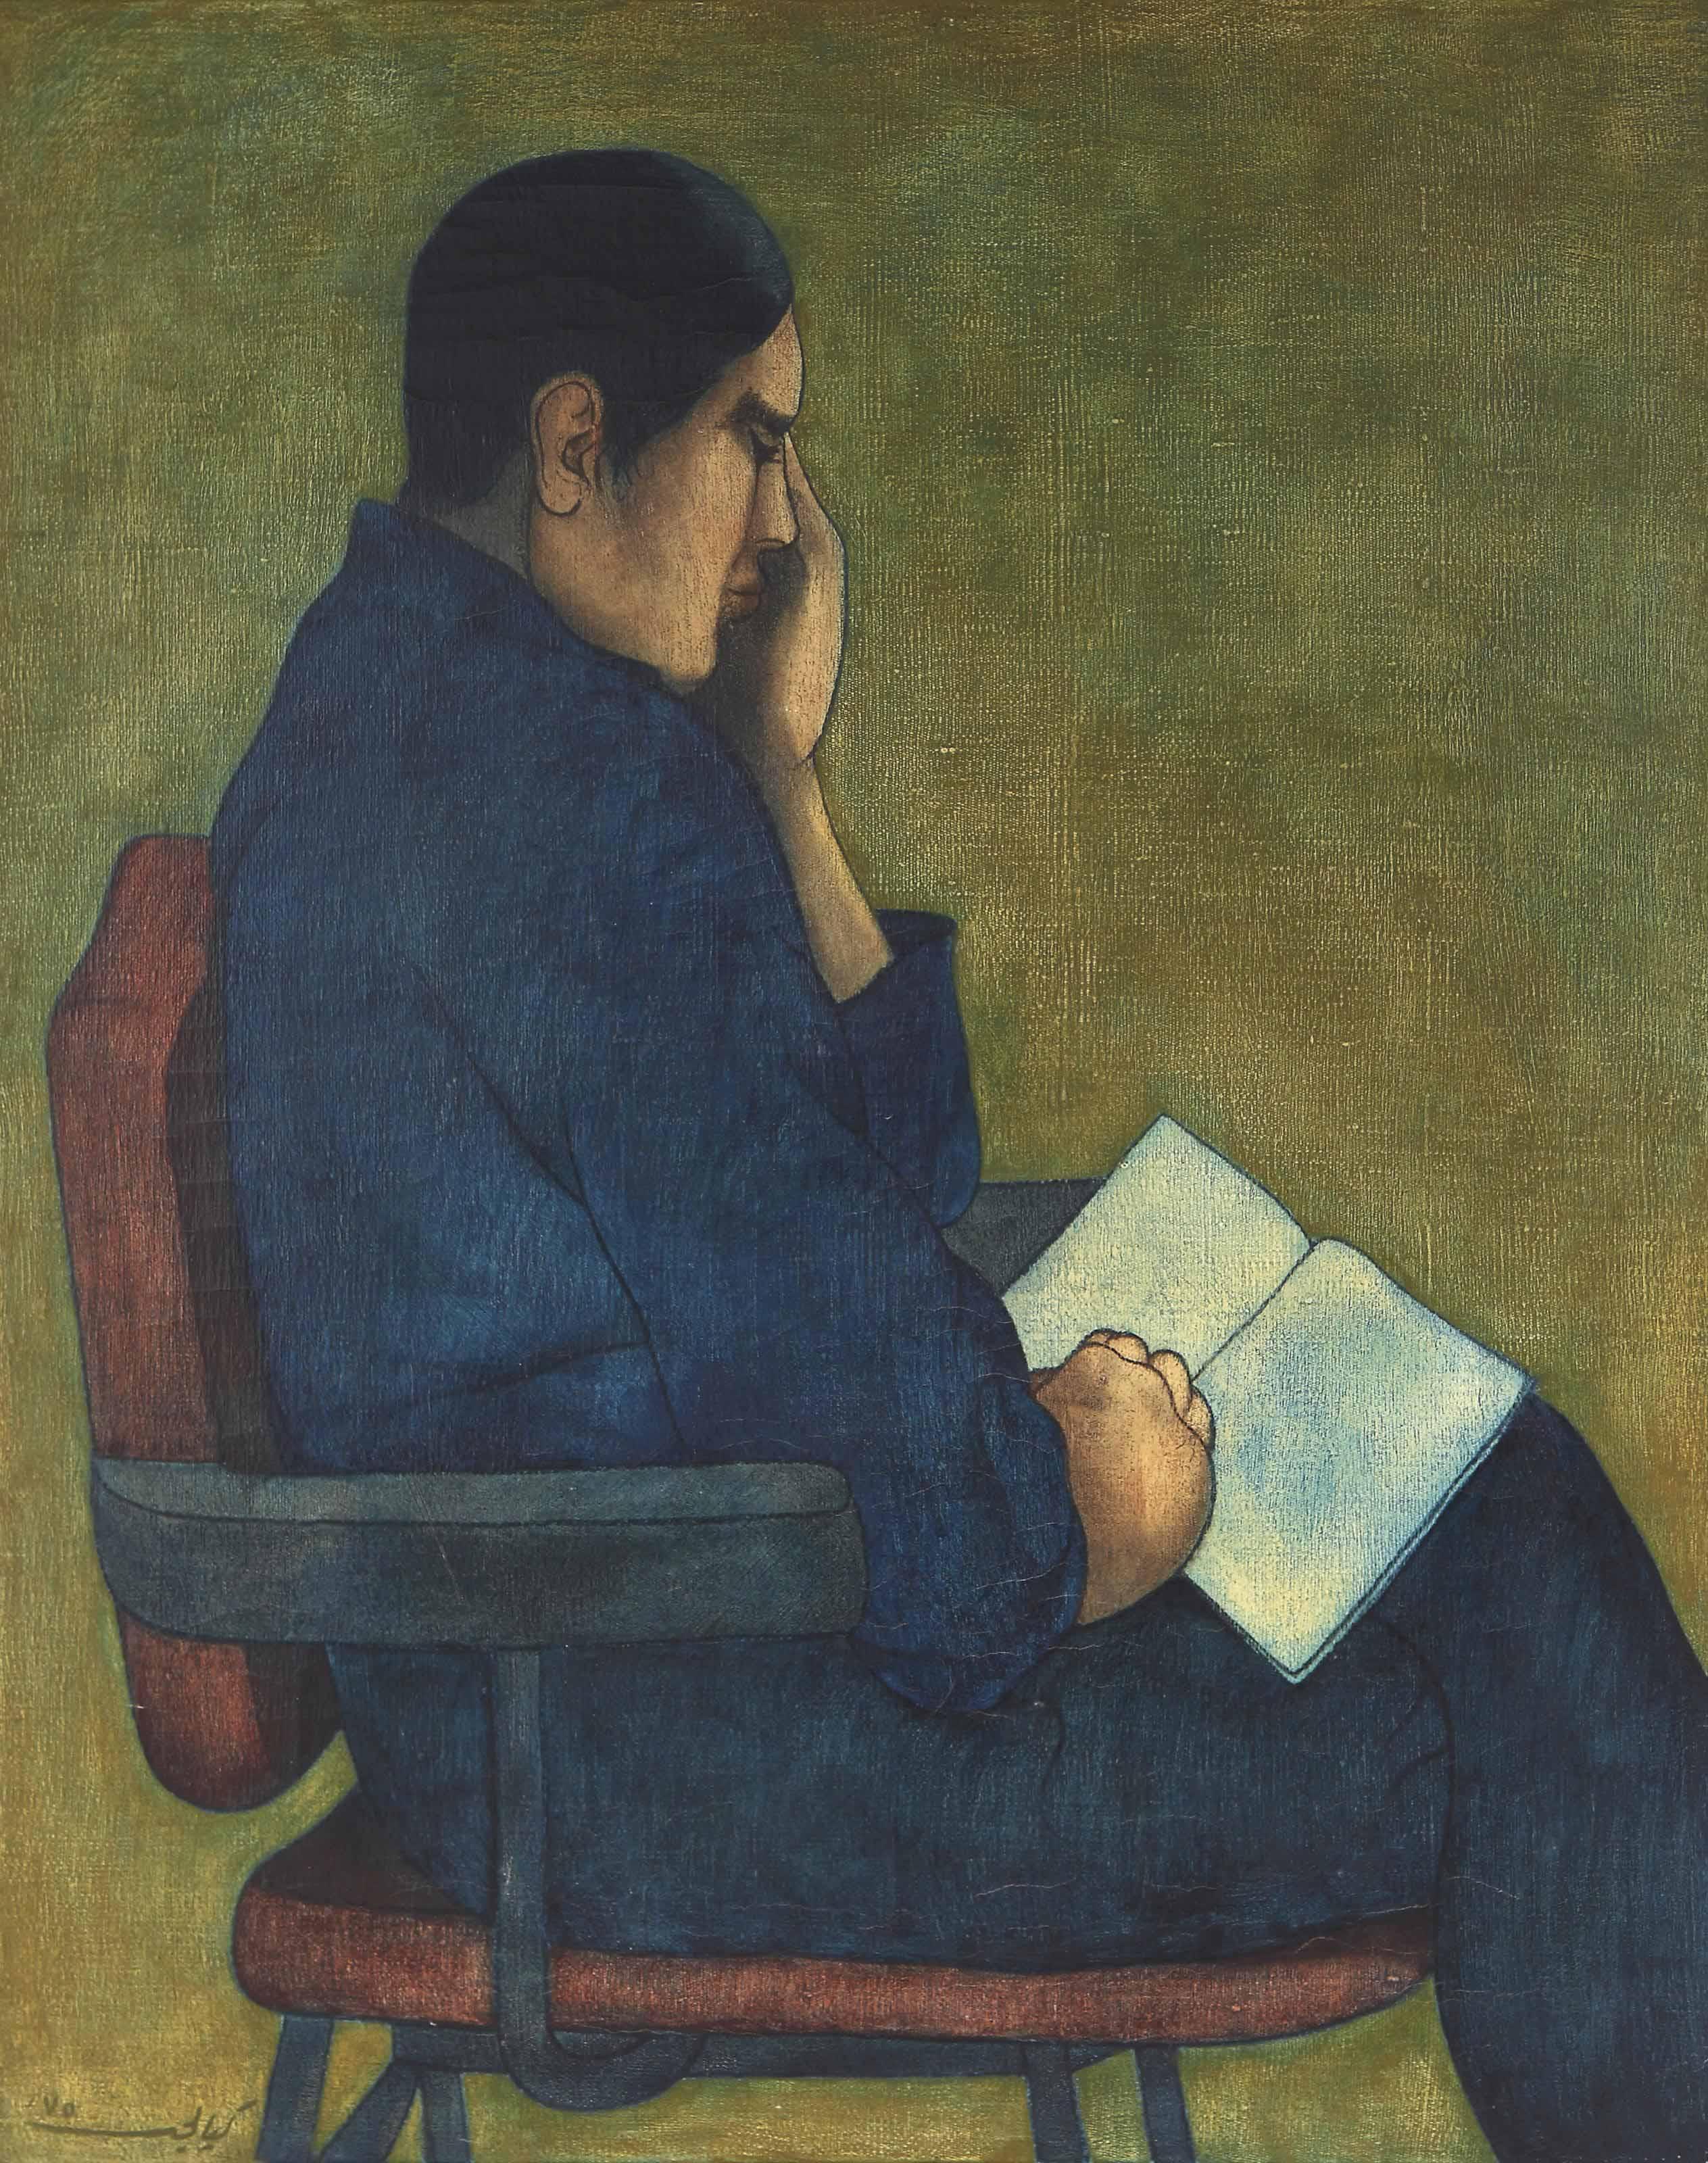 Kari' w Kitab (Reader and Book)